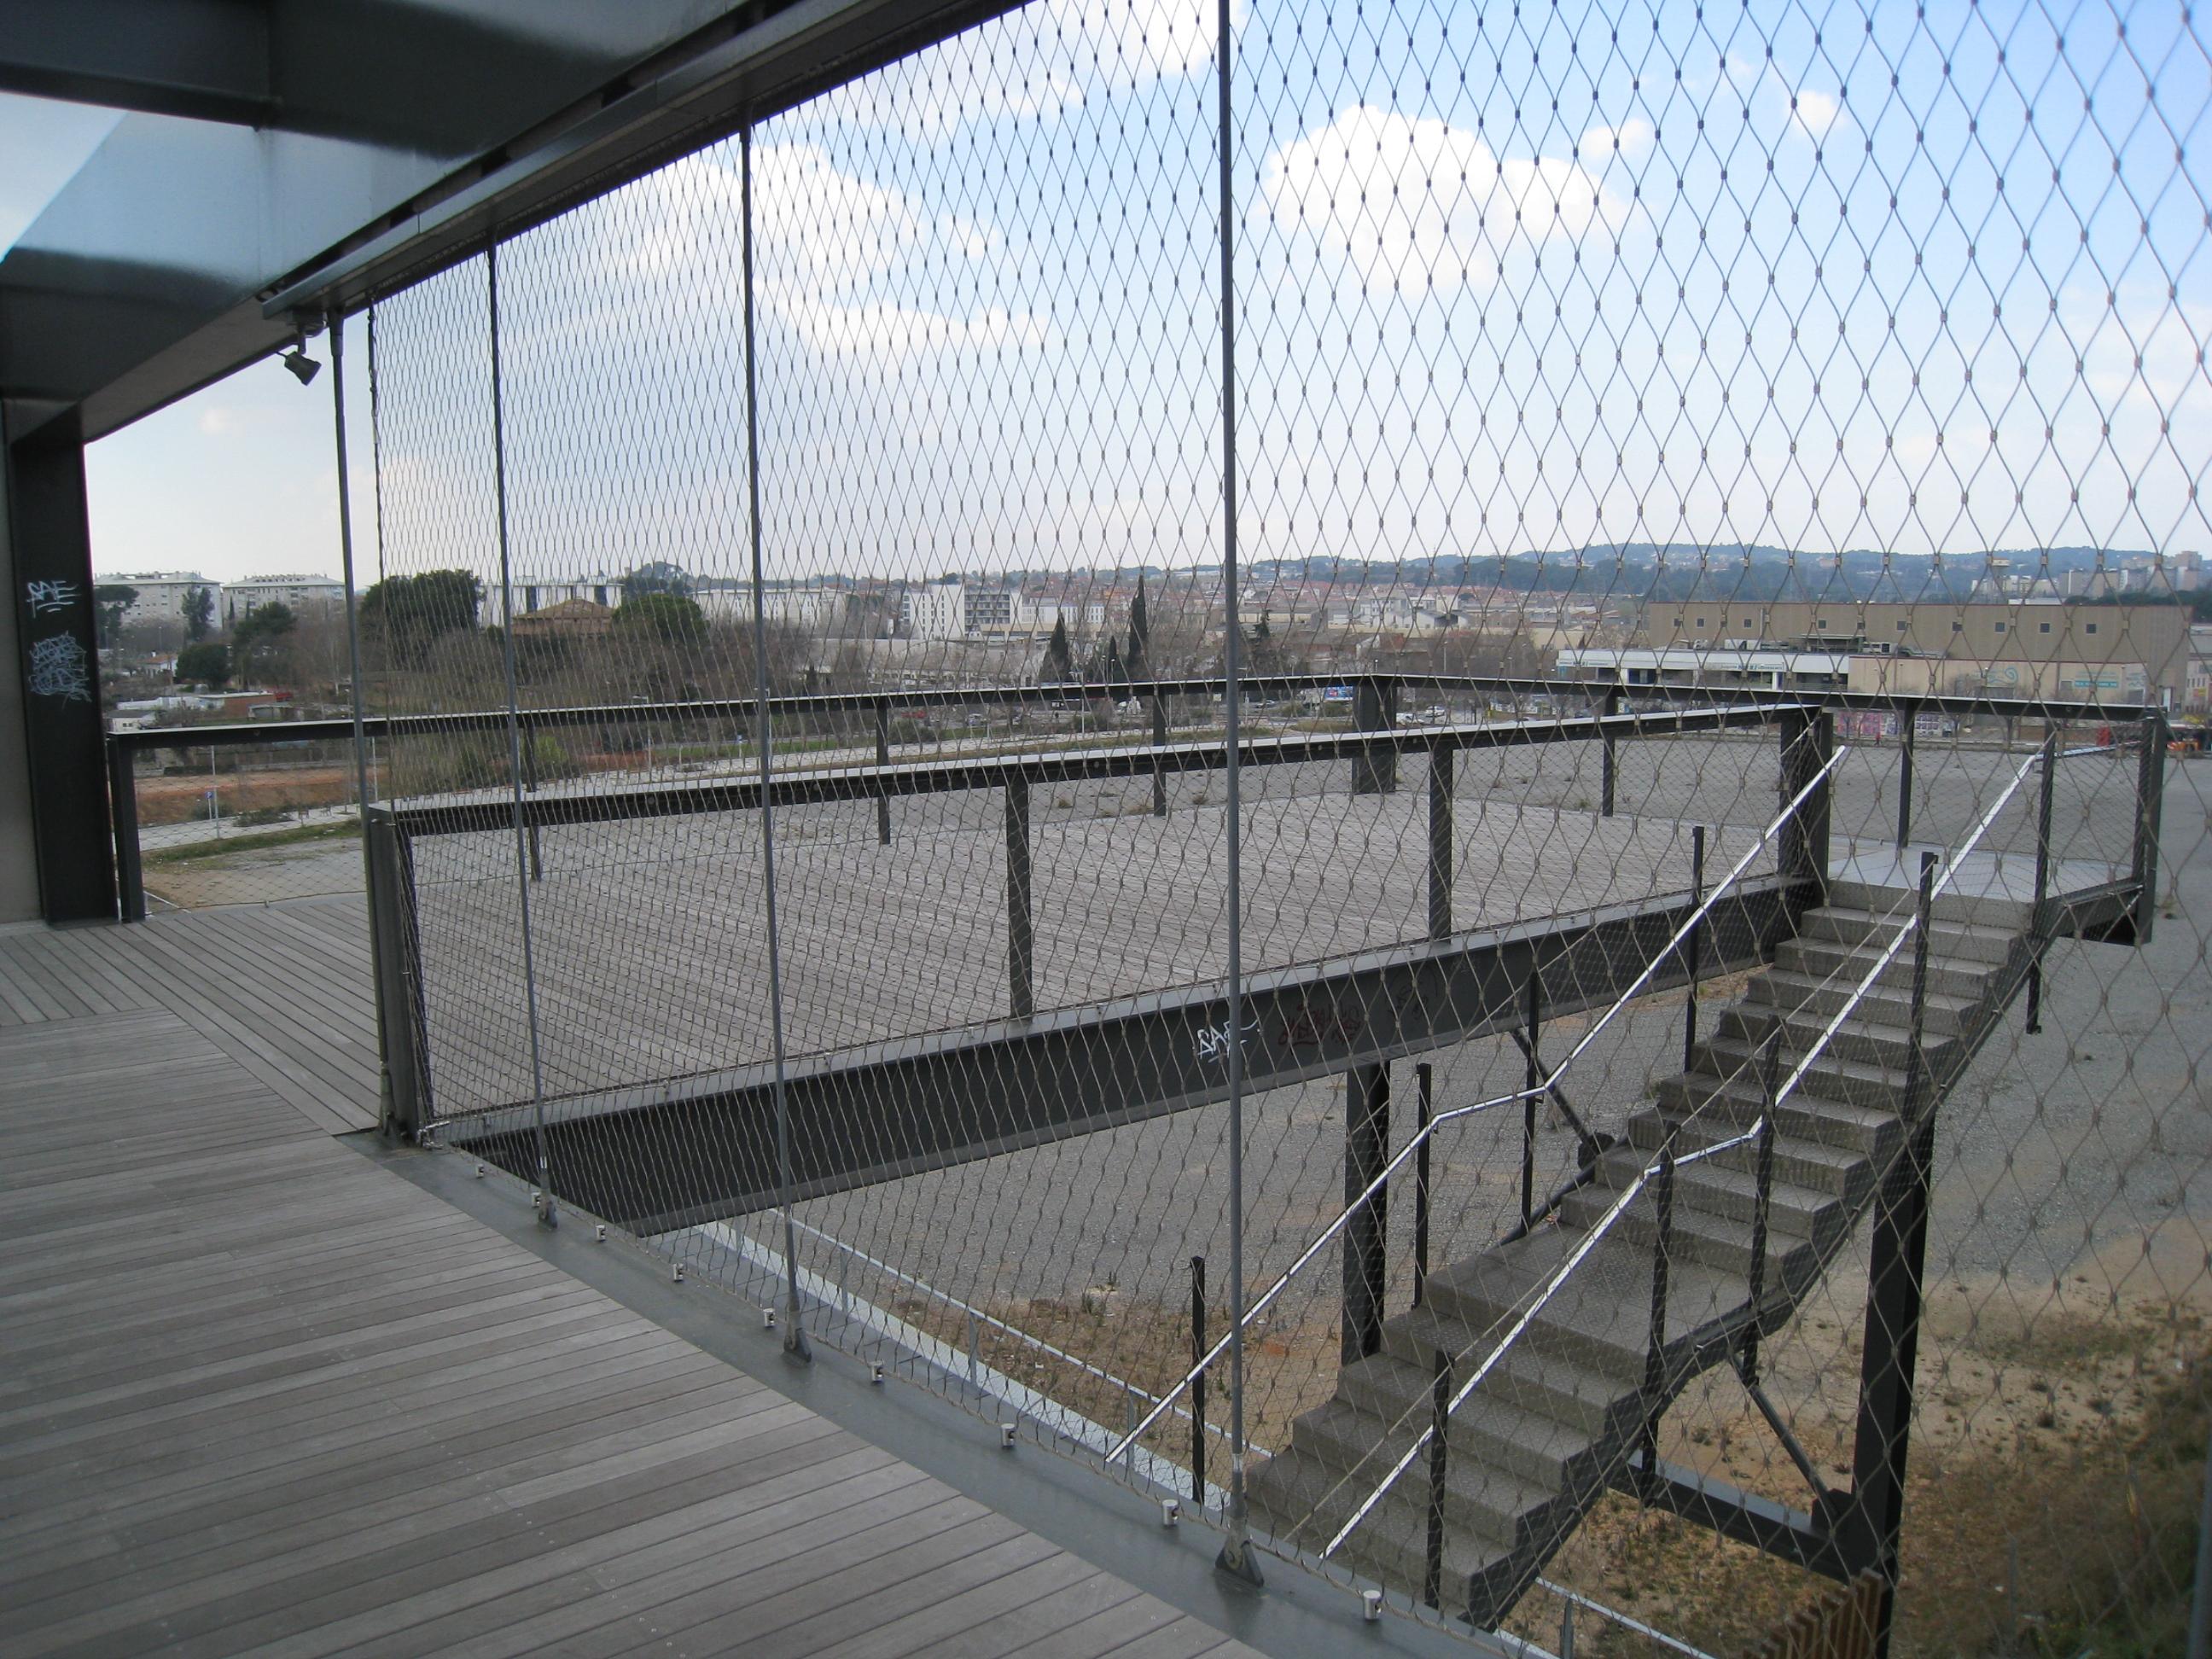 Urbanización Riu Sec.  Escaleras de acceso a la vía del tren.